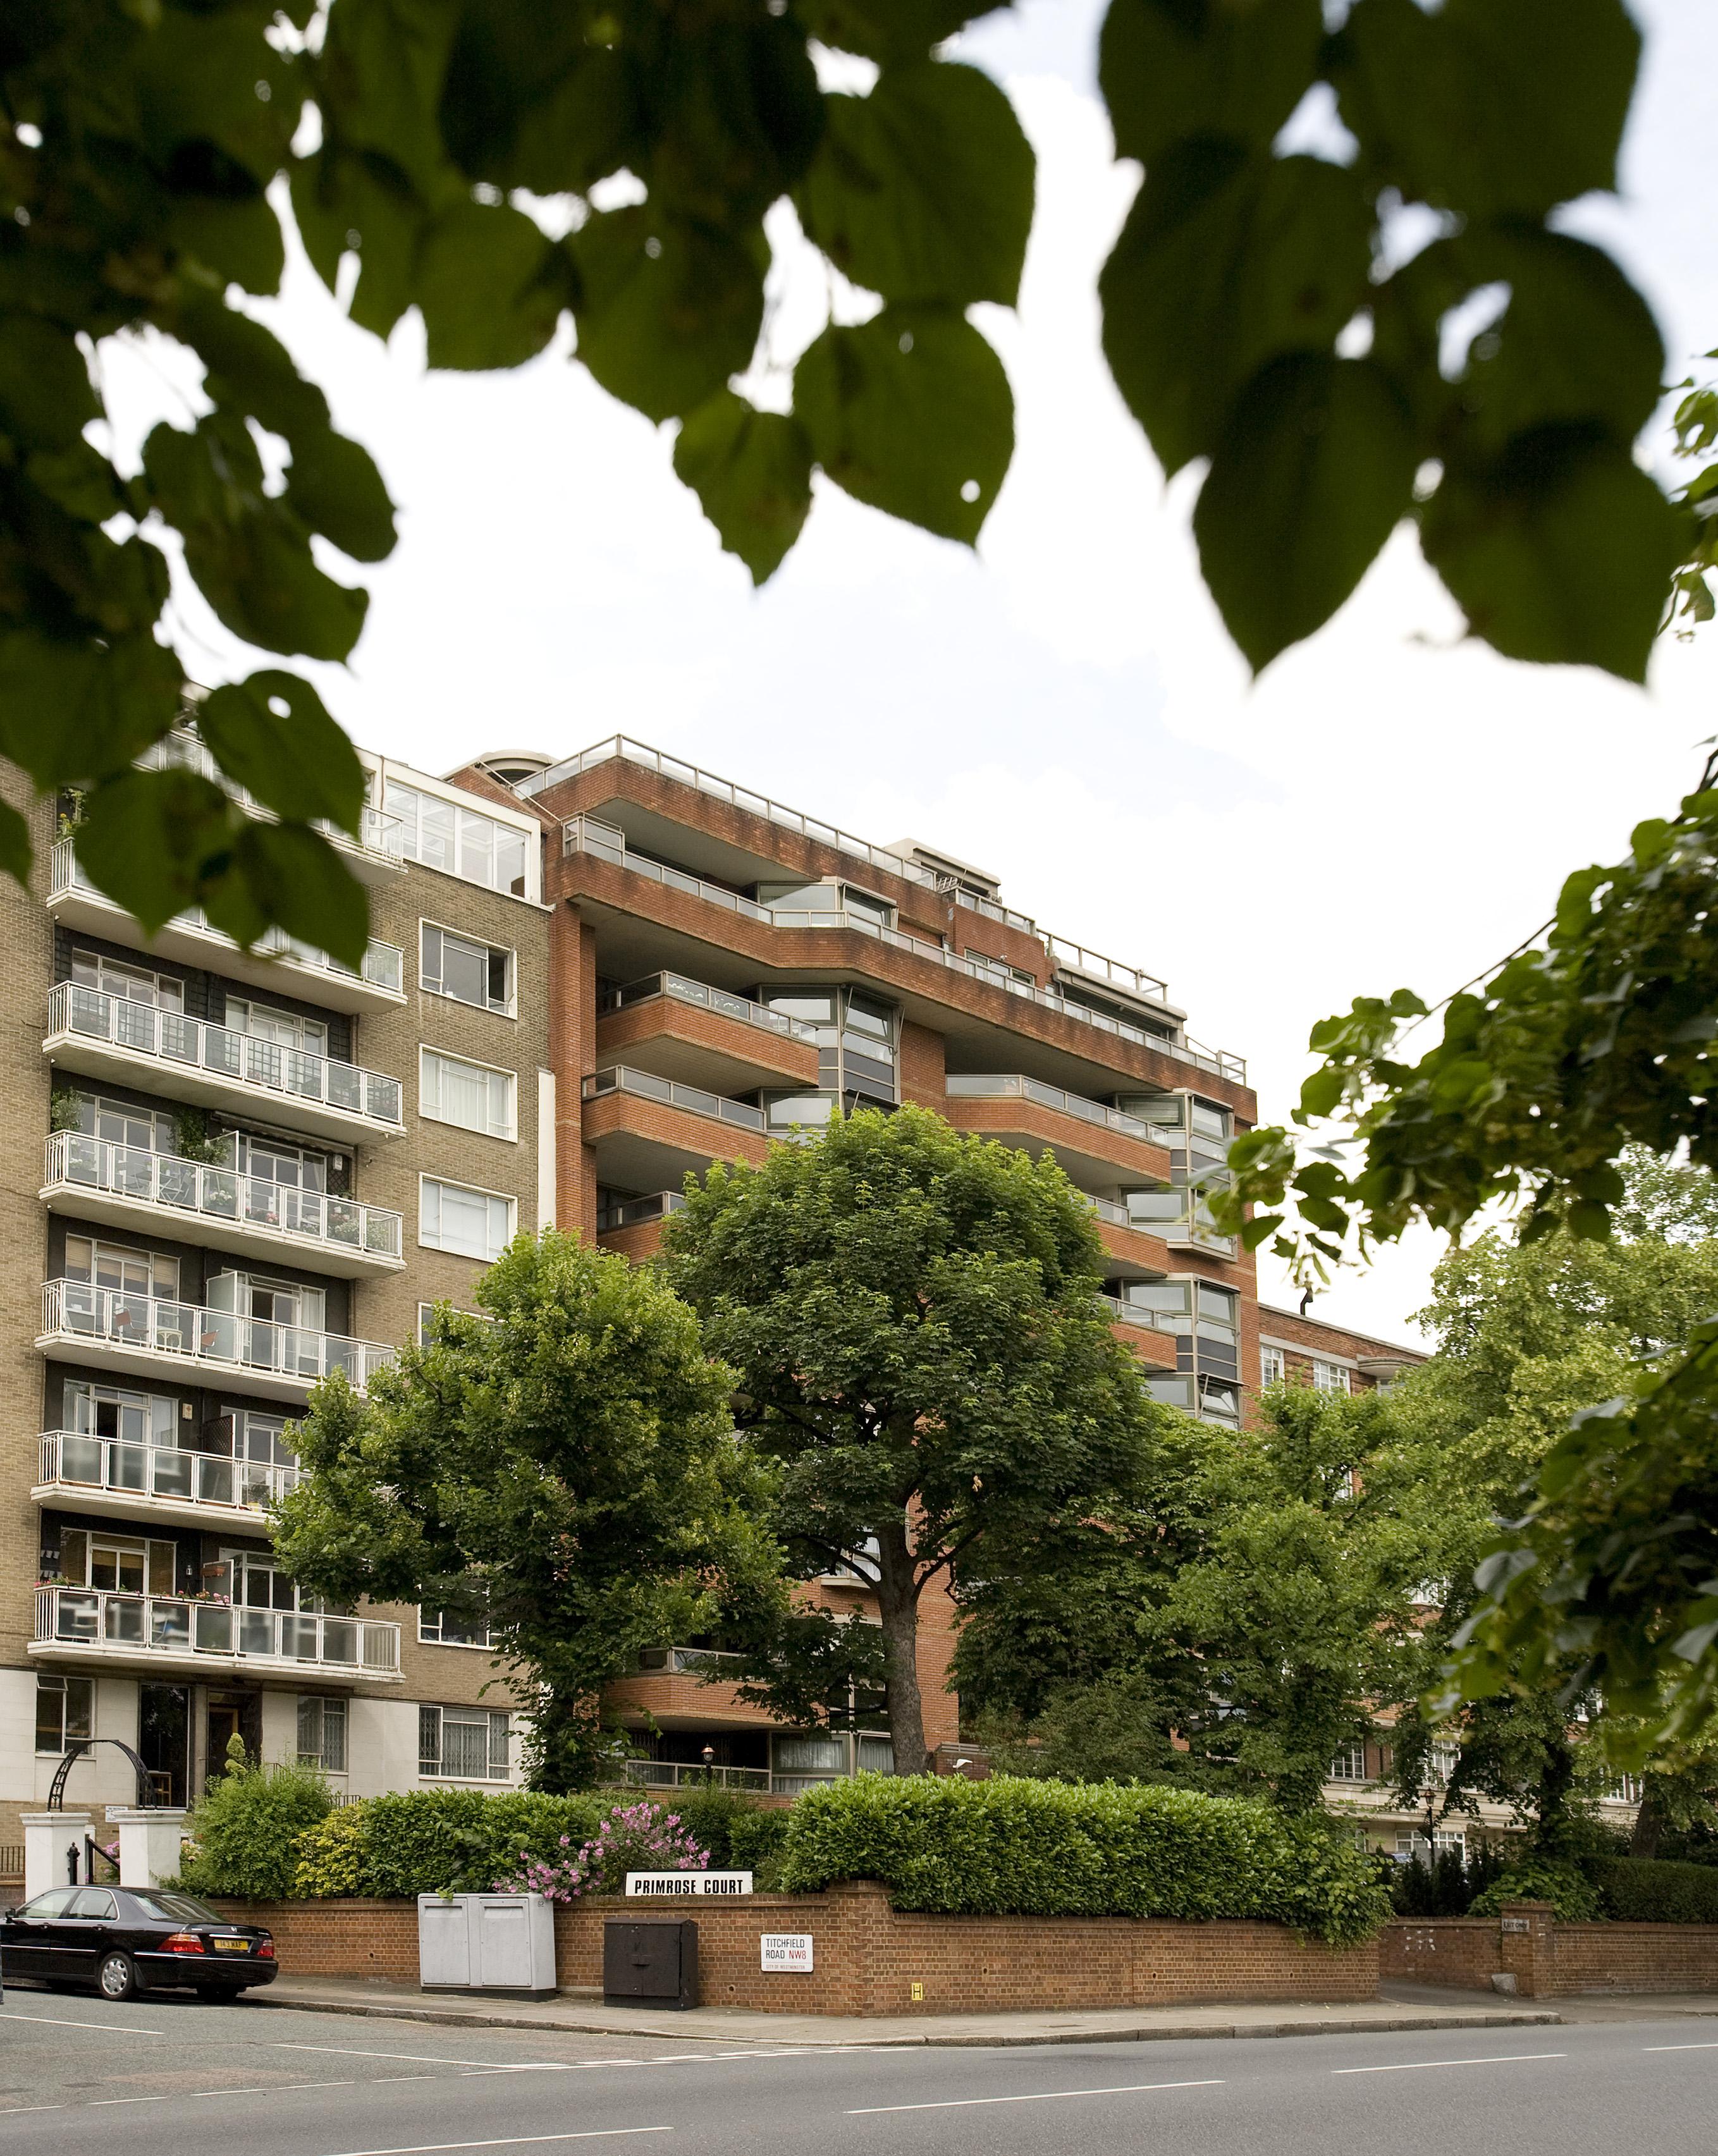 Penthouse Park St James, NW8